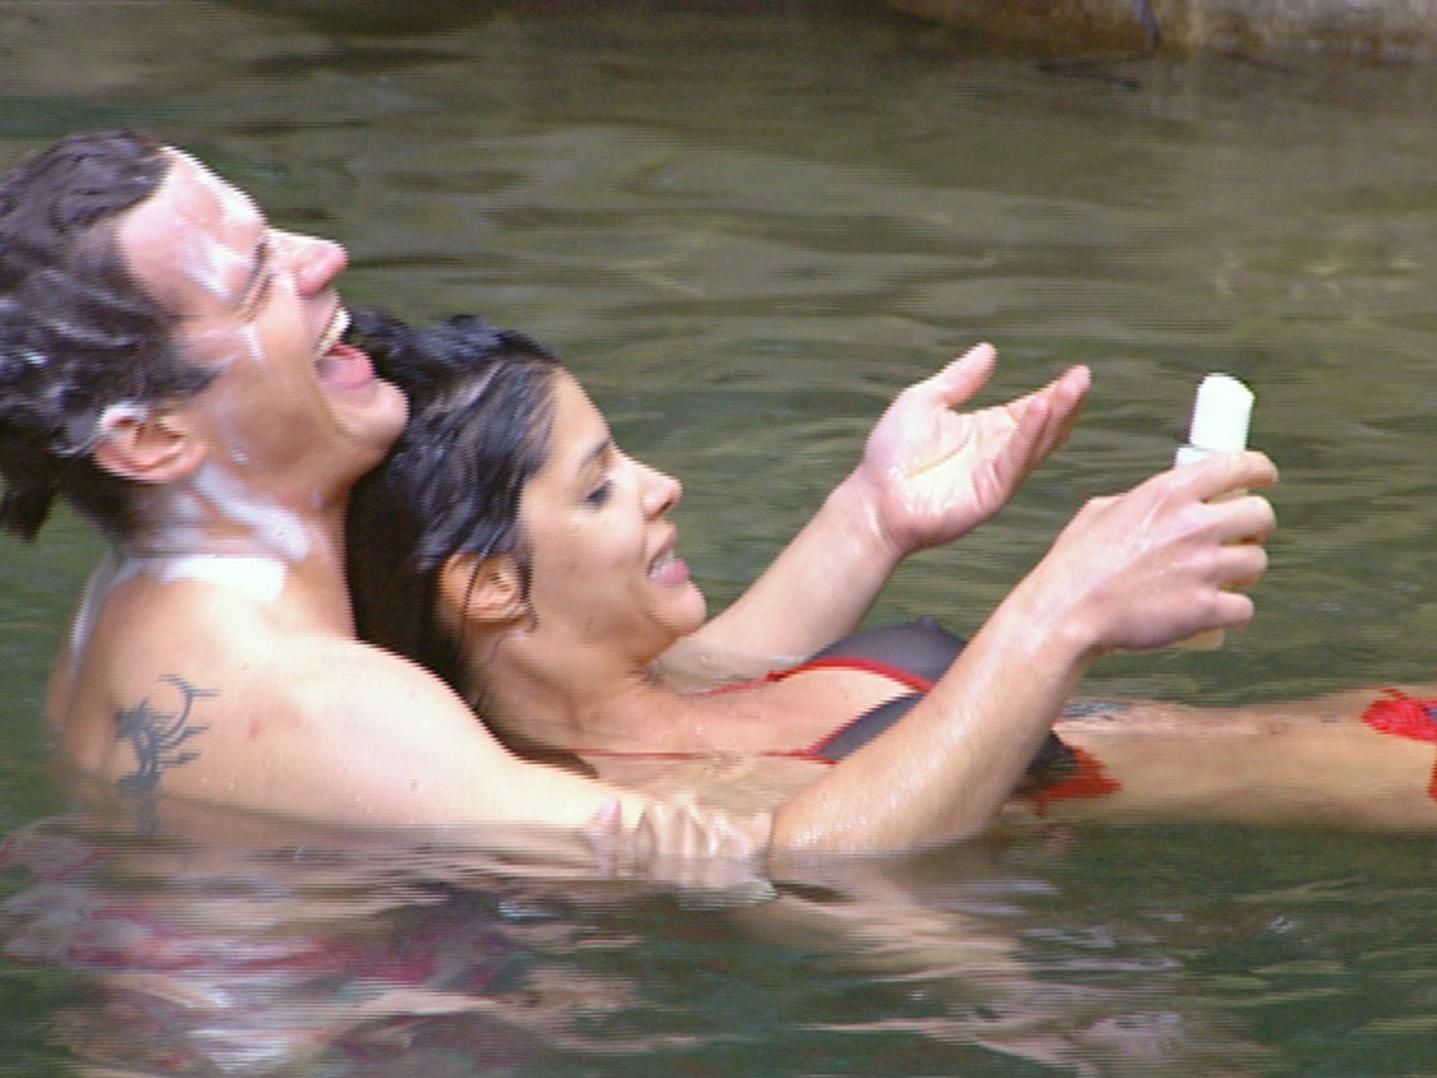 Nach der Dschungelprüfung badeten Micaela Schäfer und Rocco Stark gemeinsam im Badeteich.